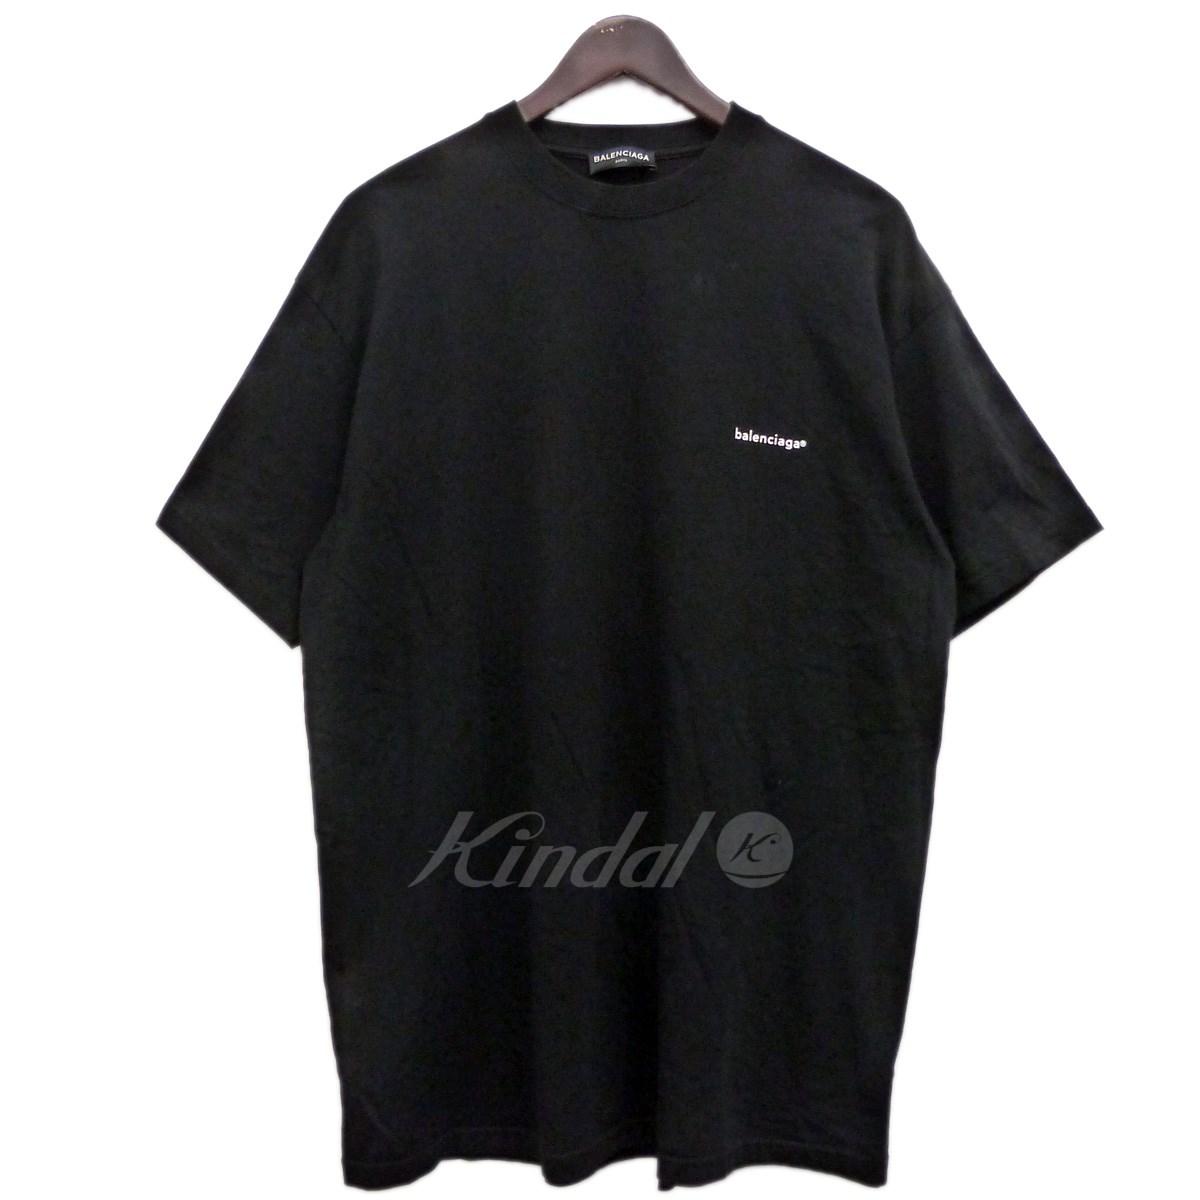 【中古】BALENCIAGA 17AW胸ロゴプリントTシャツ ブラック サイズ:S 【送料無料】 【091118】(バレンシアガ)